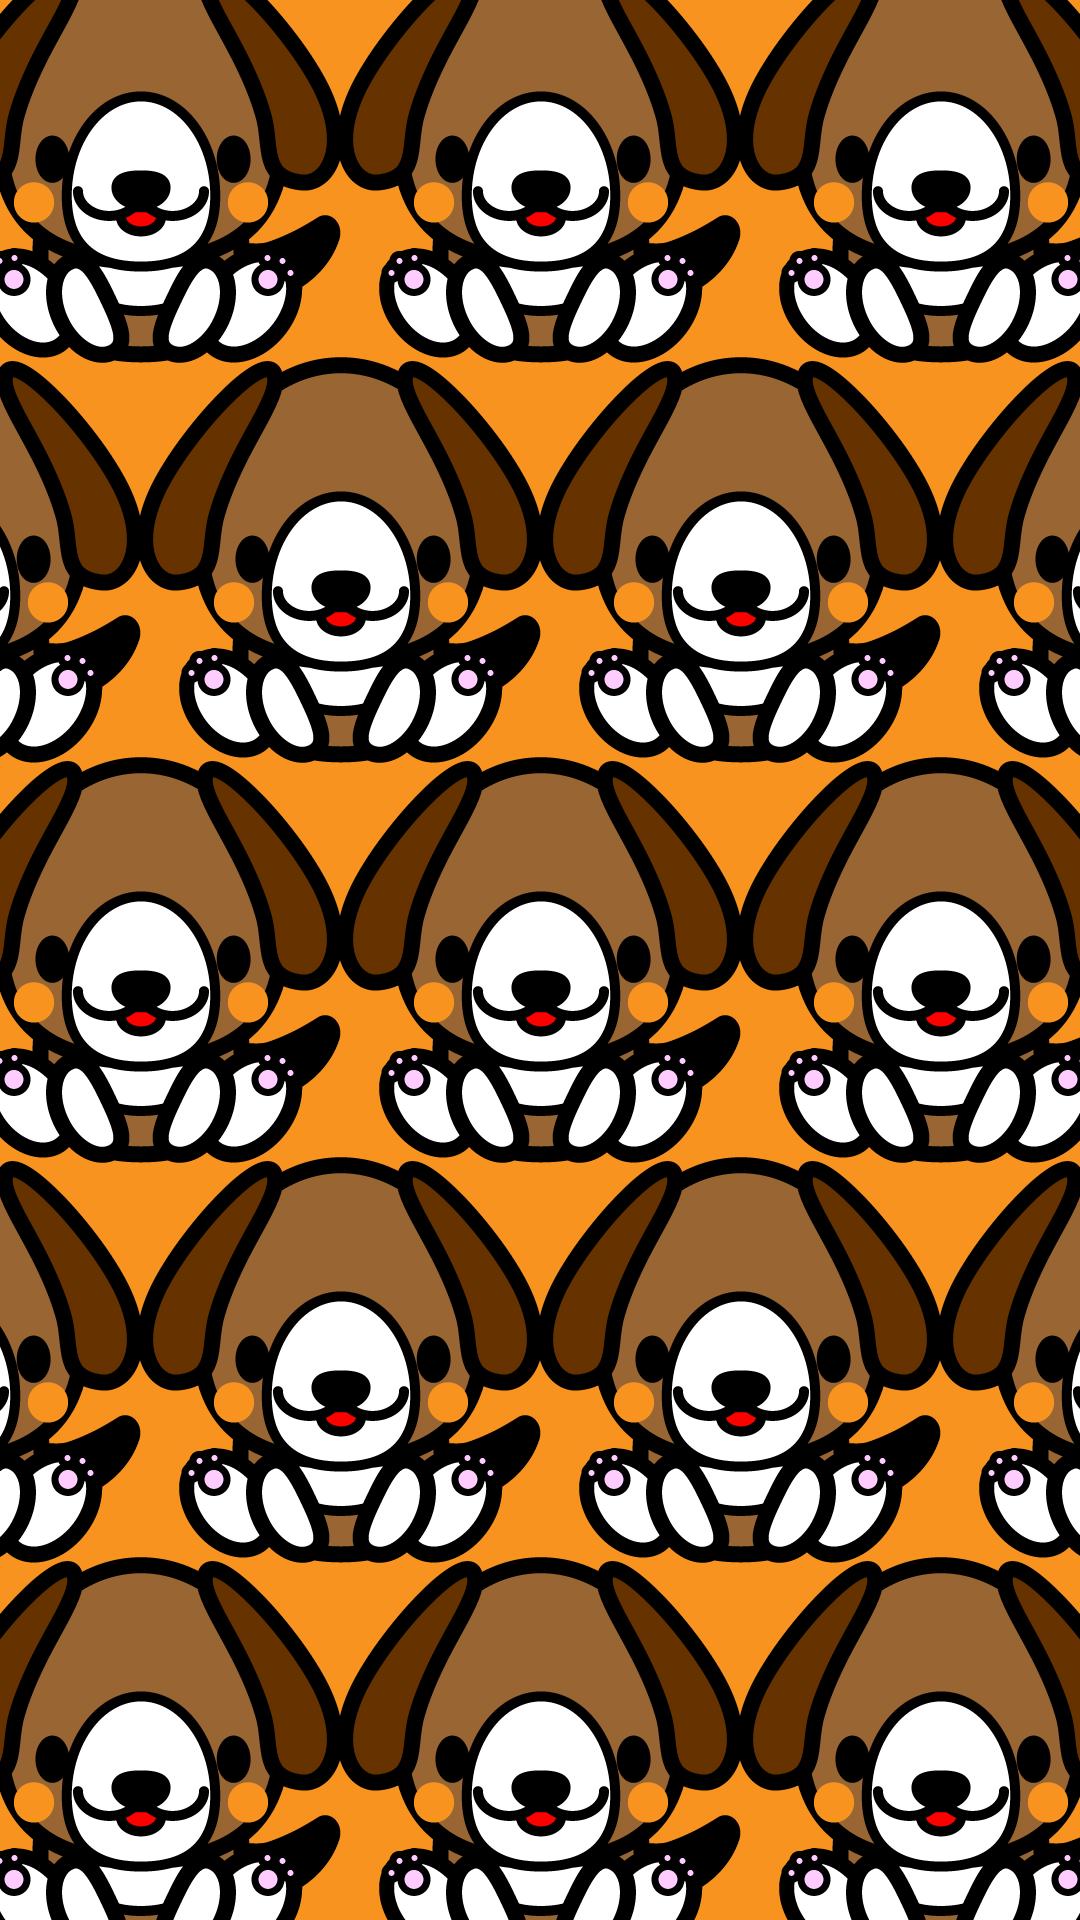 かわいい座りビーグル犬づくし壁紙(iPhone)の無料イラスト・商用フリー